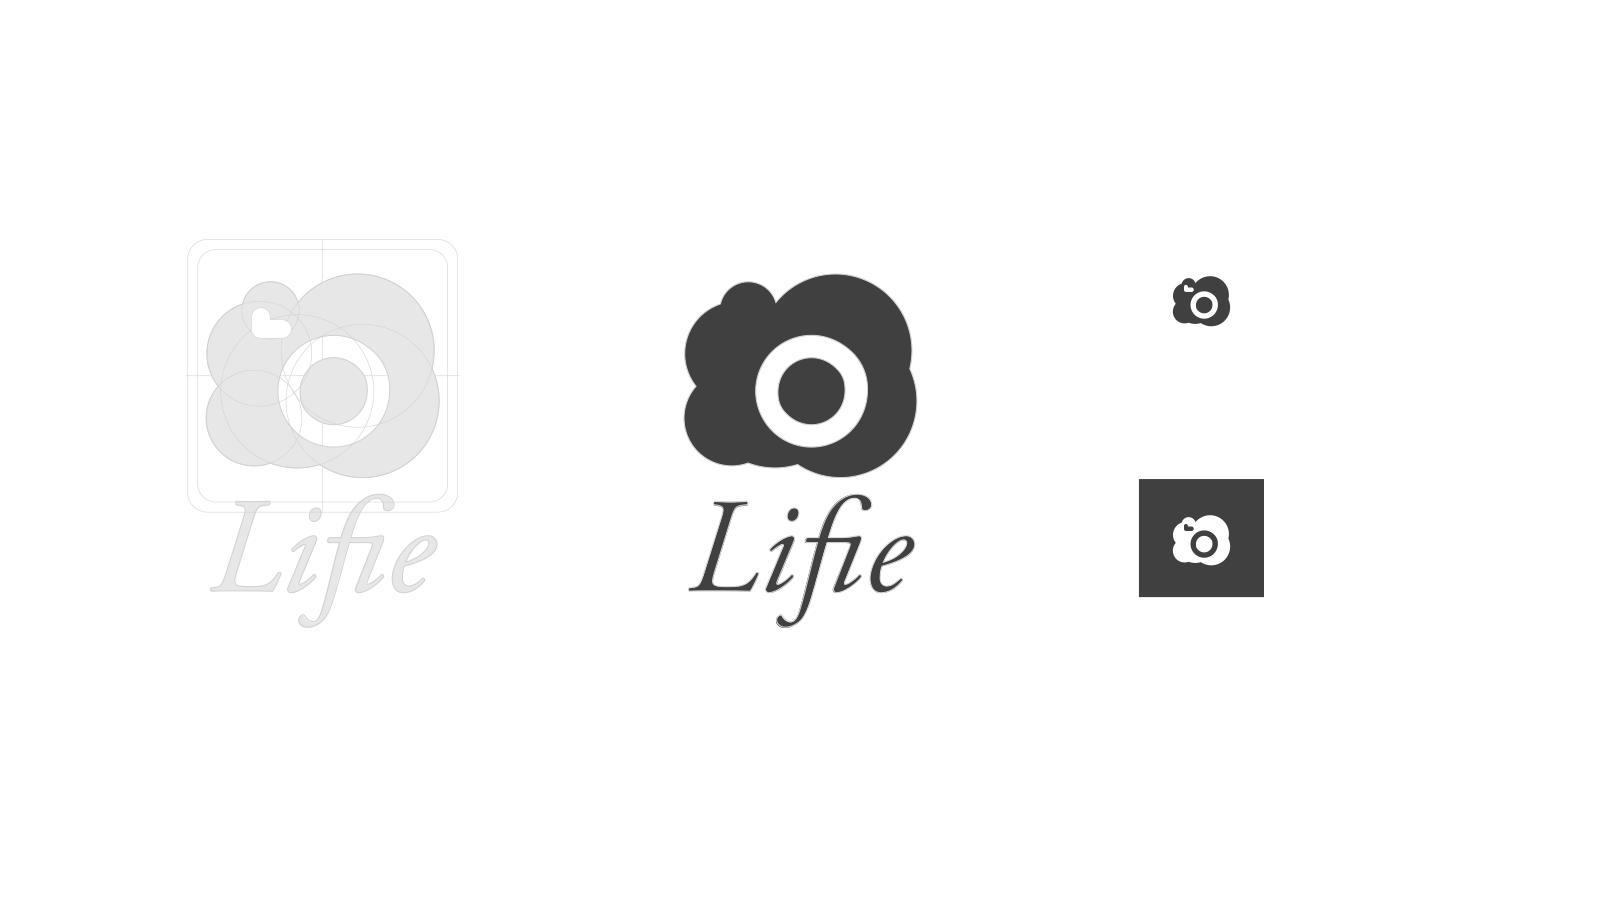 Lifie Logo